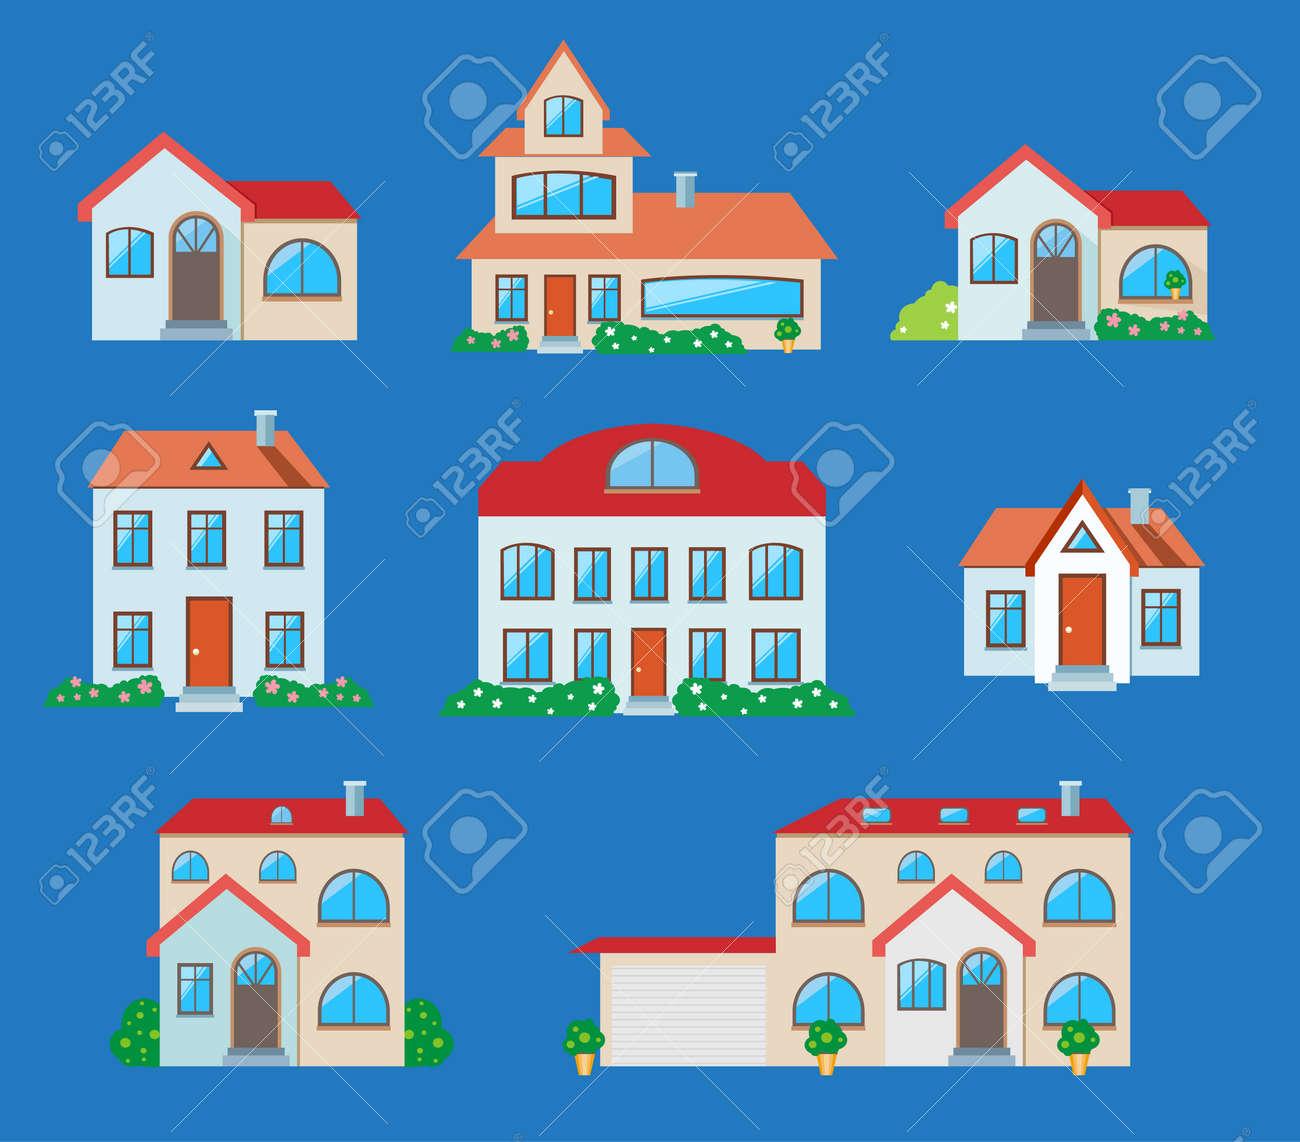 casas iconos conjunto. bienes raíces en estilo de dibujos animados ... - Bienes Inmuebles Dibujos